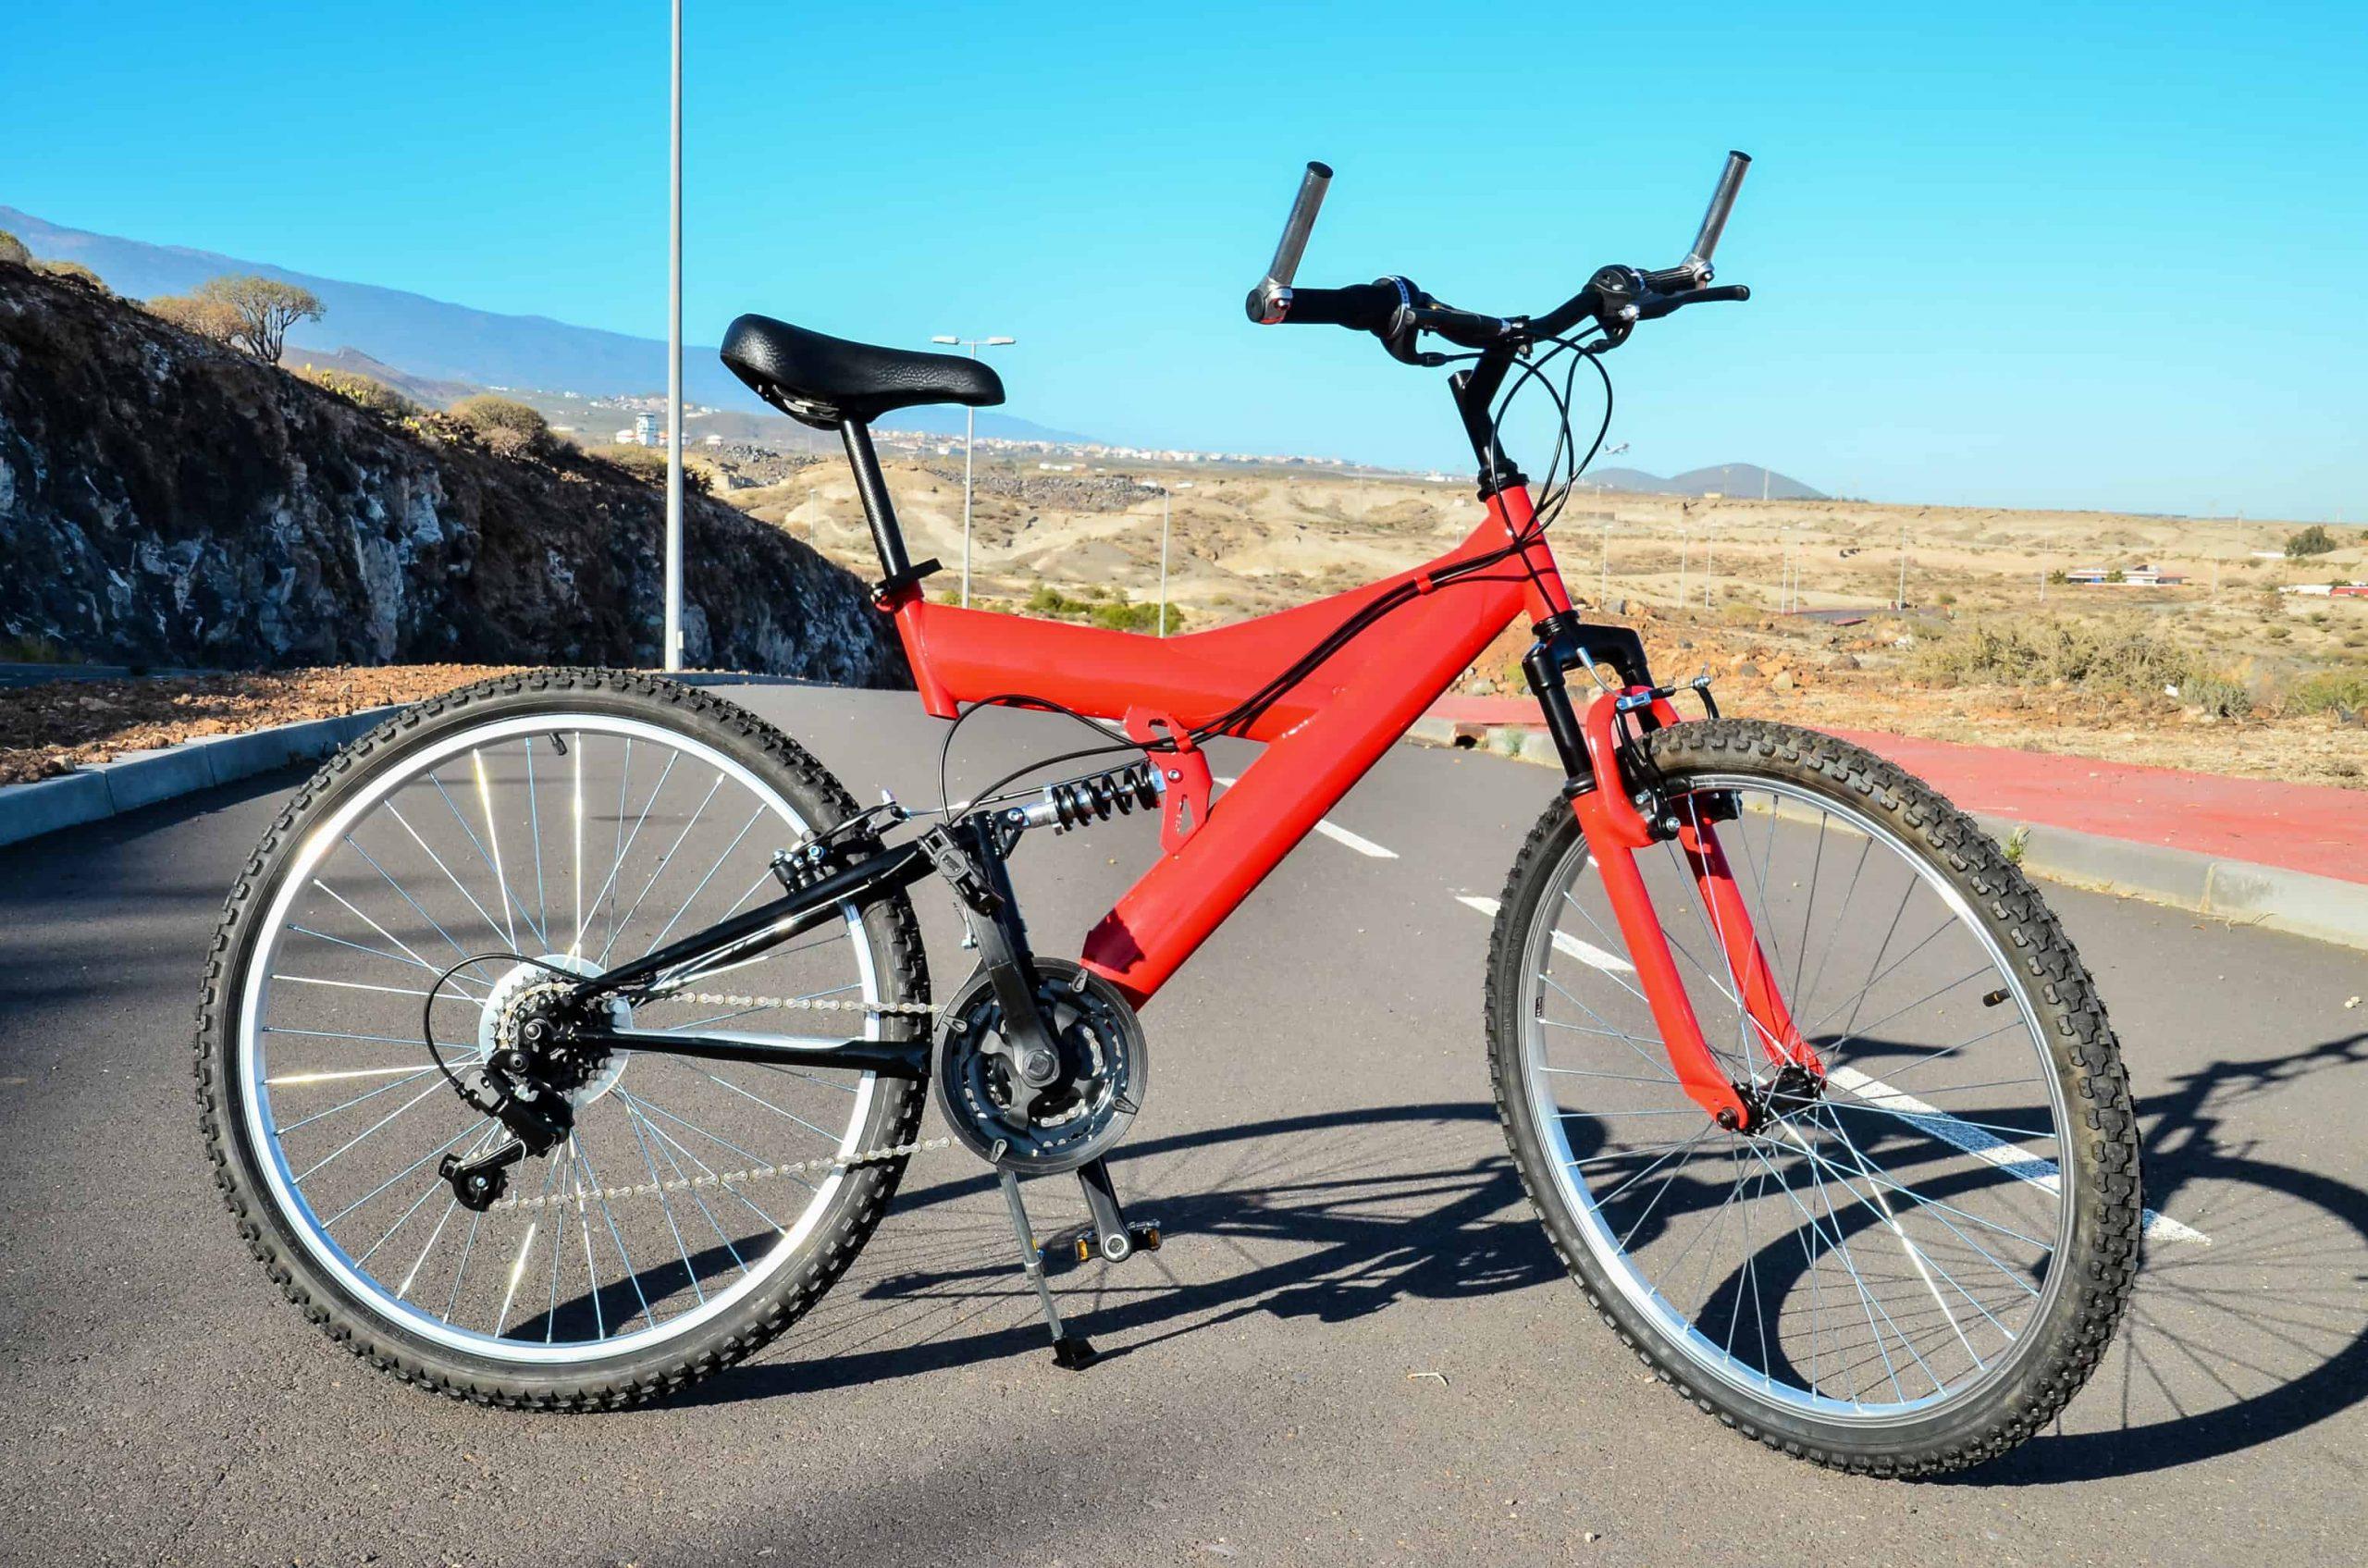 Bicicleta roja de doble suspensión